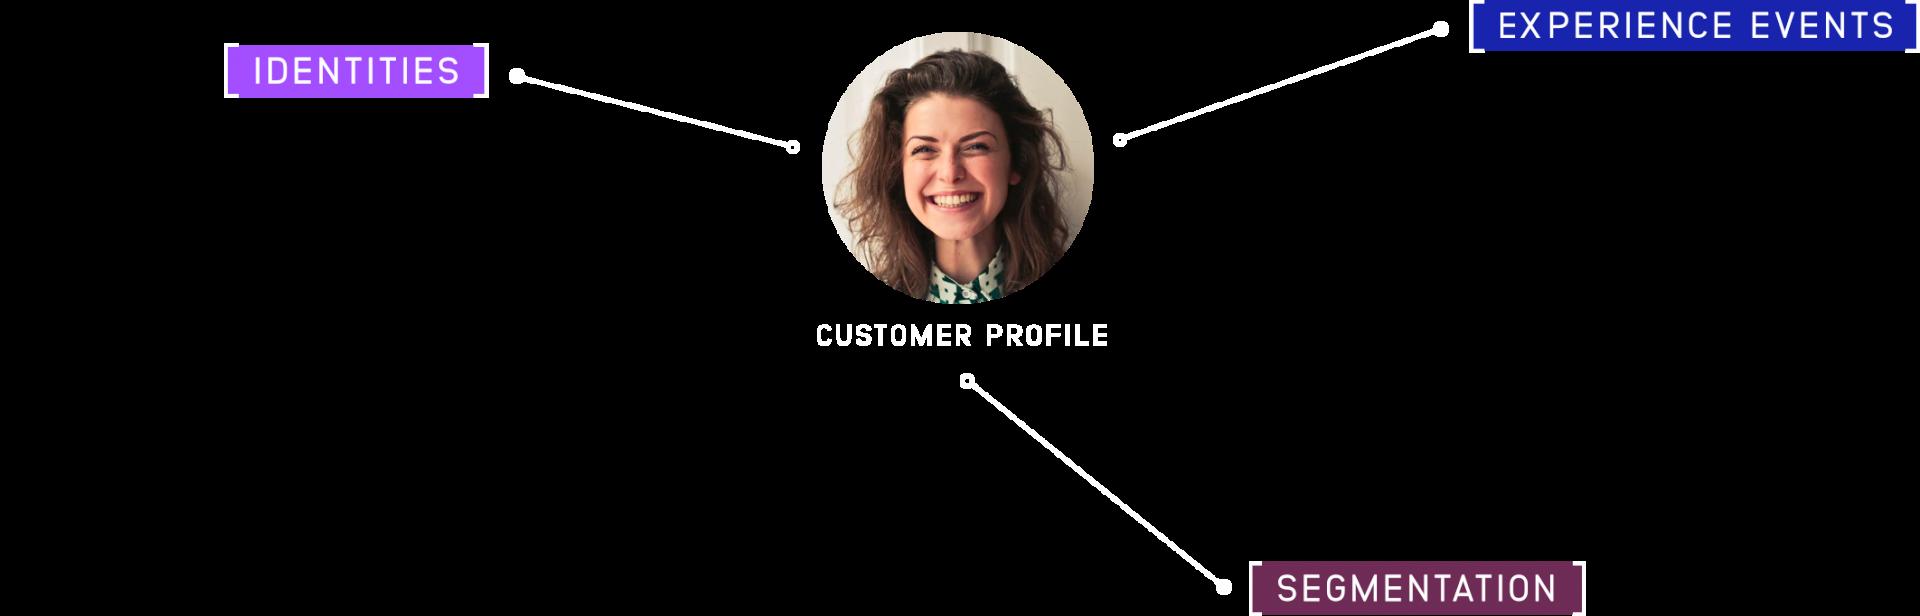 customer profile graphic